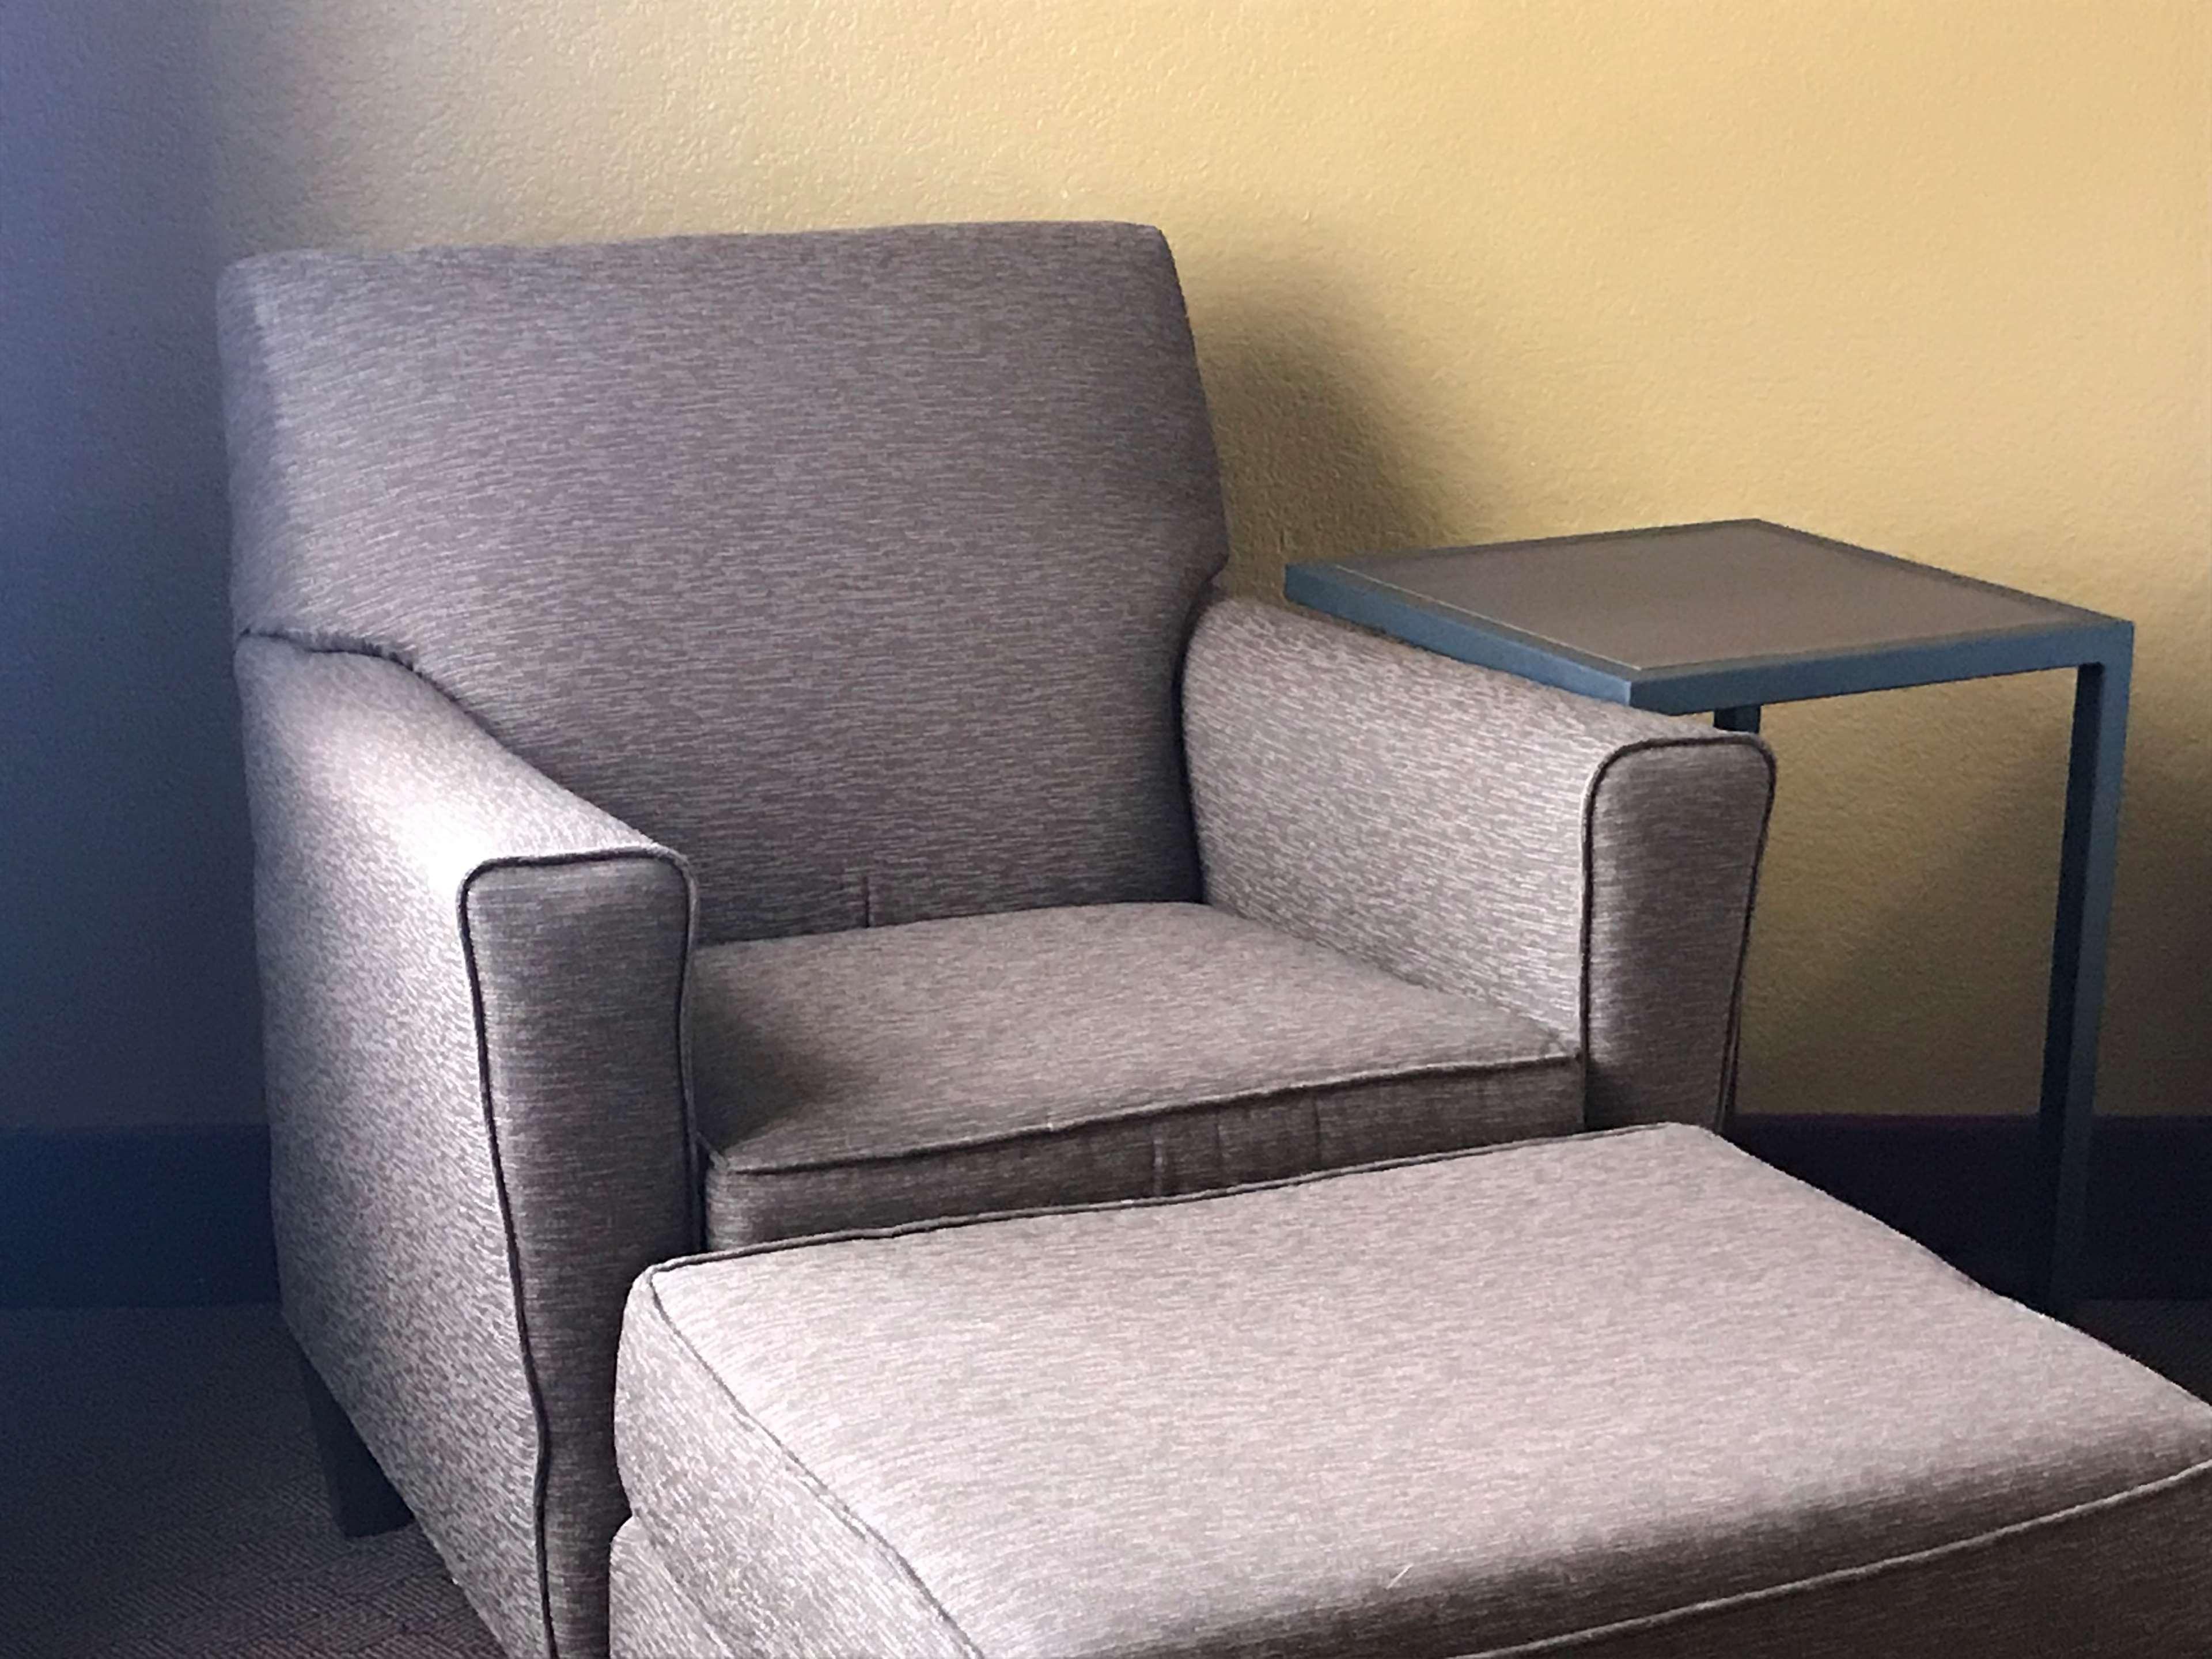 Chair/Ottoman.